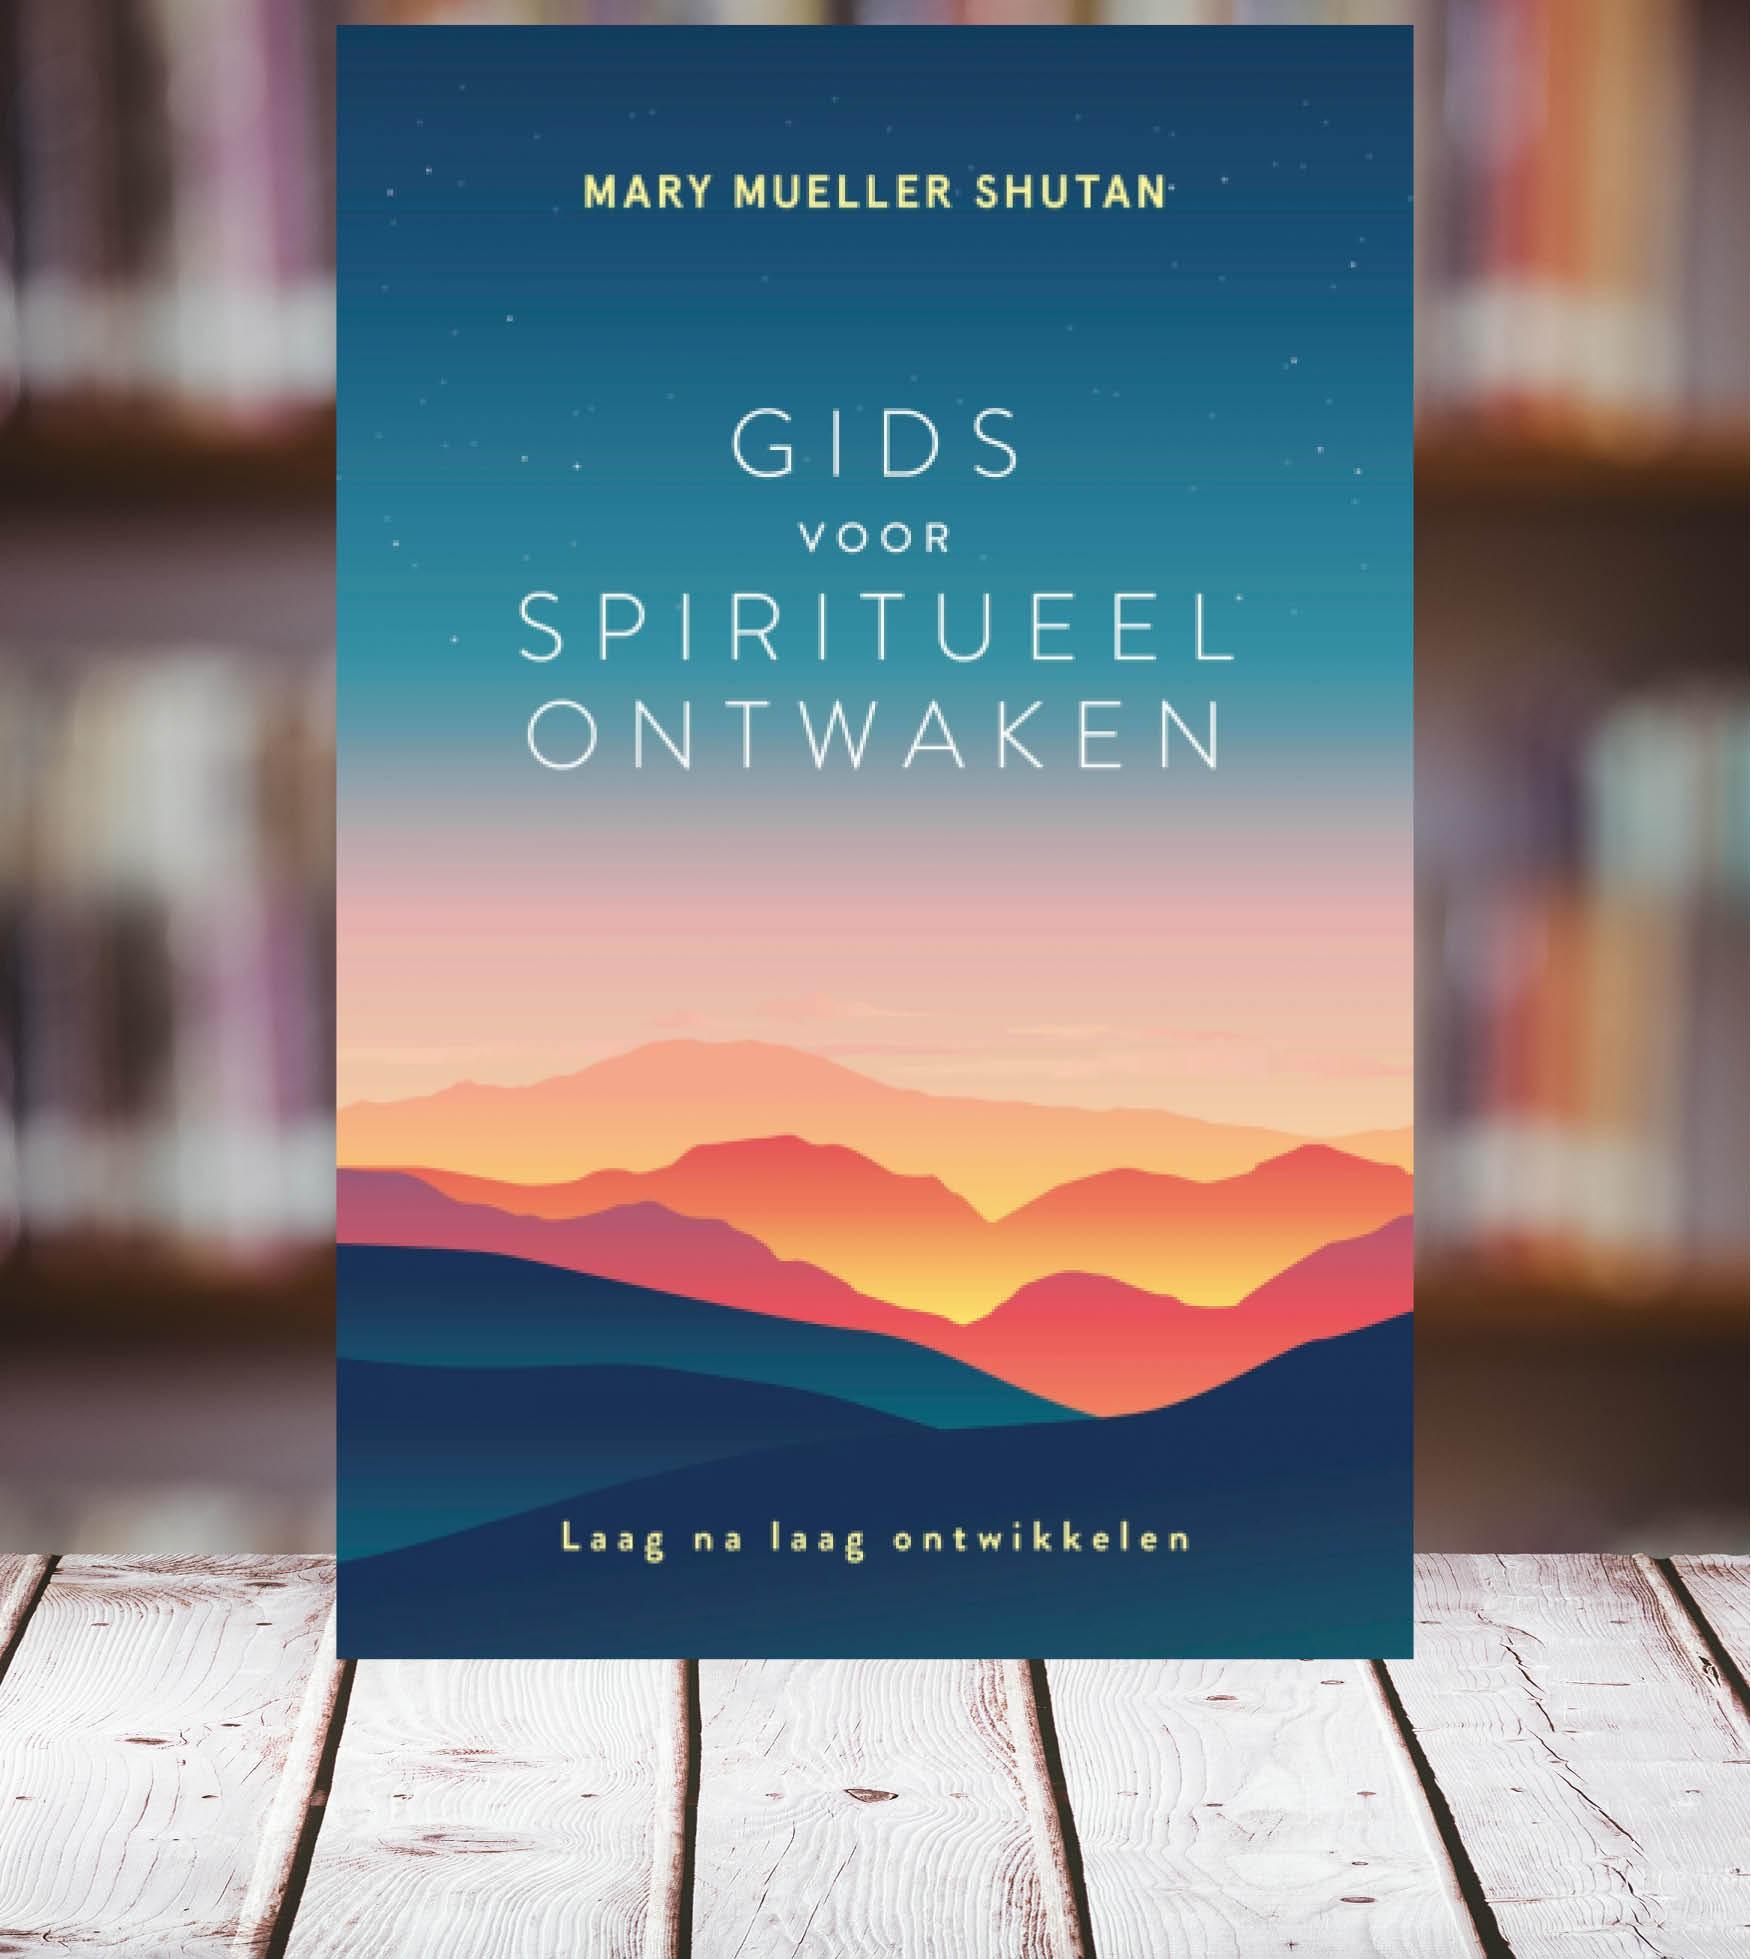 Photo of Gids voor spiritueel ontwaken